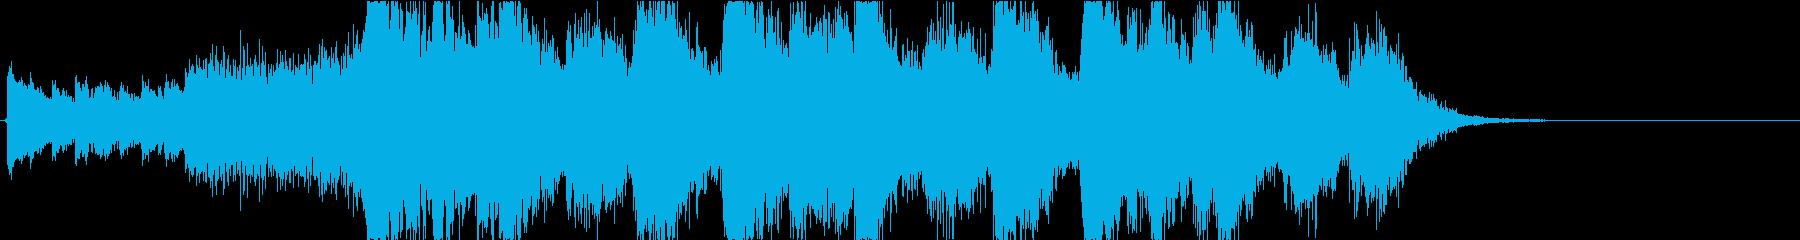 静かなピアノから壮大なオケ③15秒版の再生済みの波形